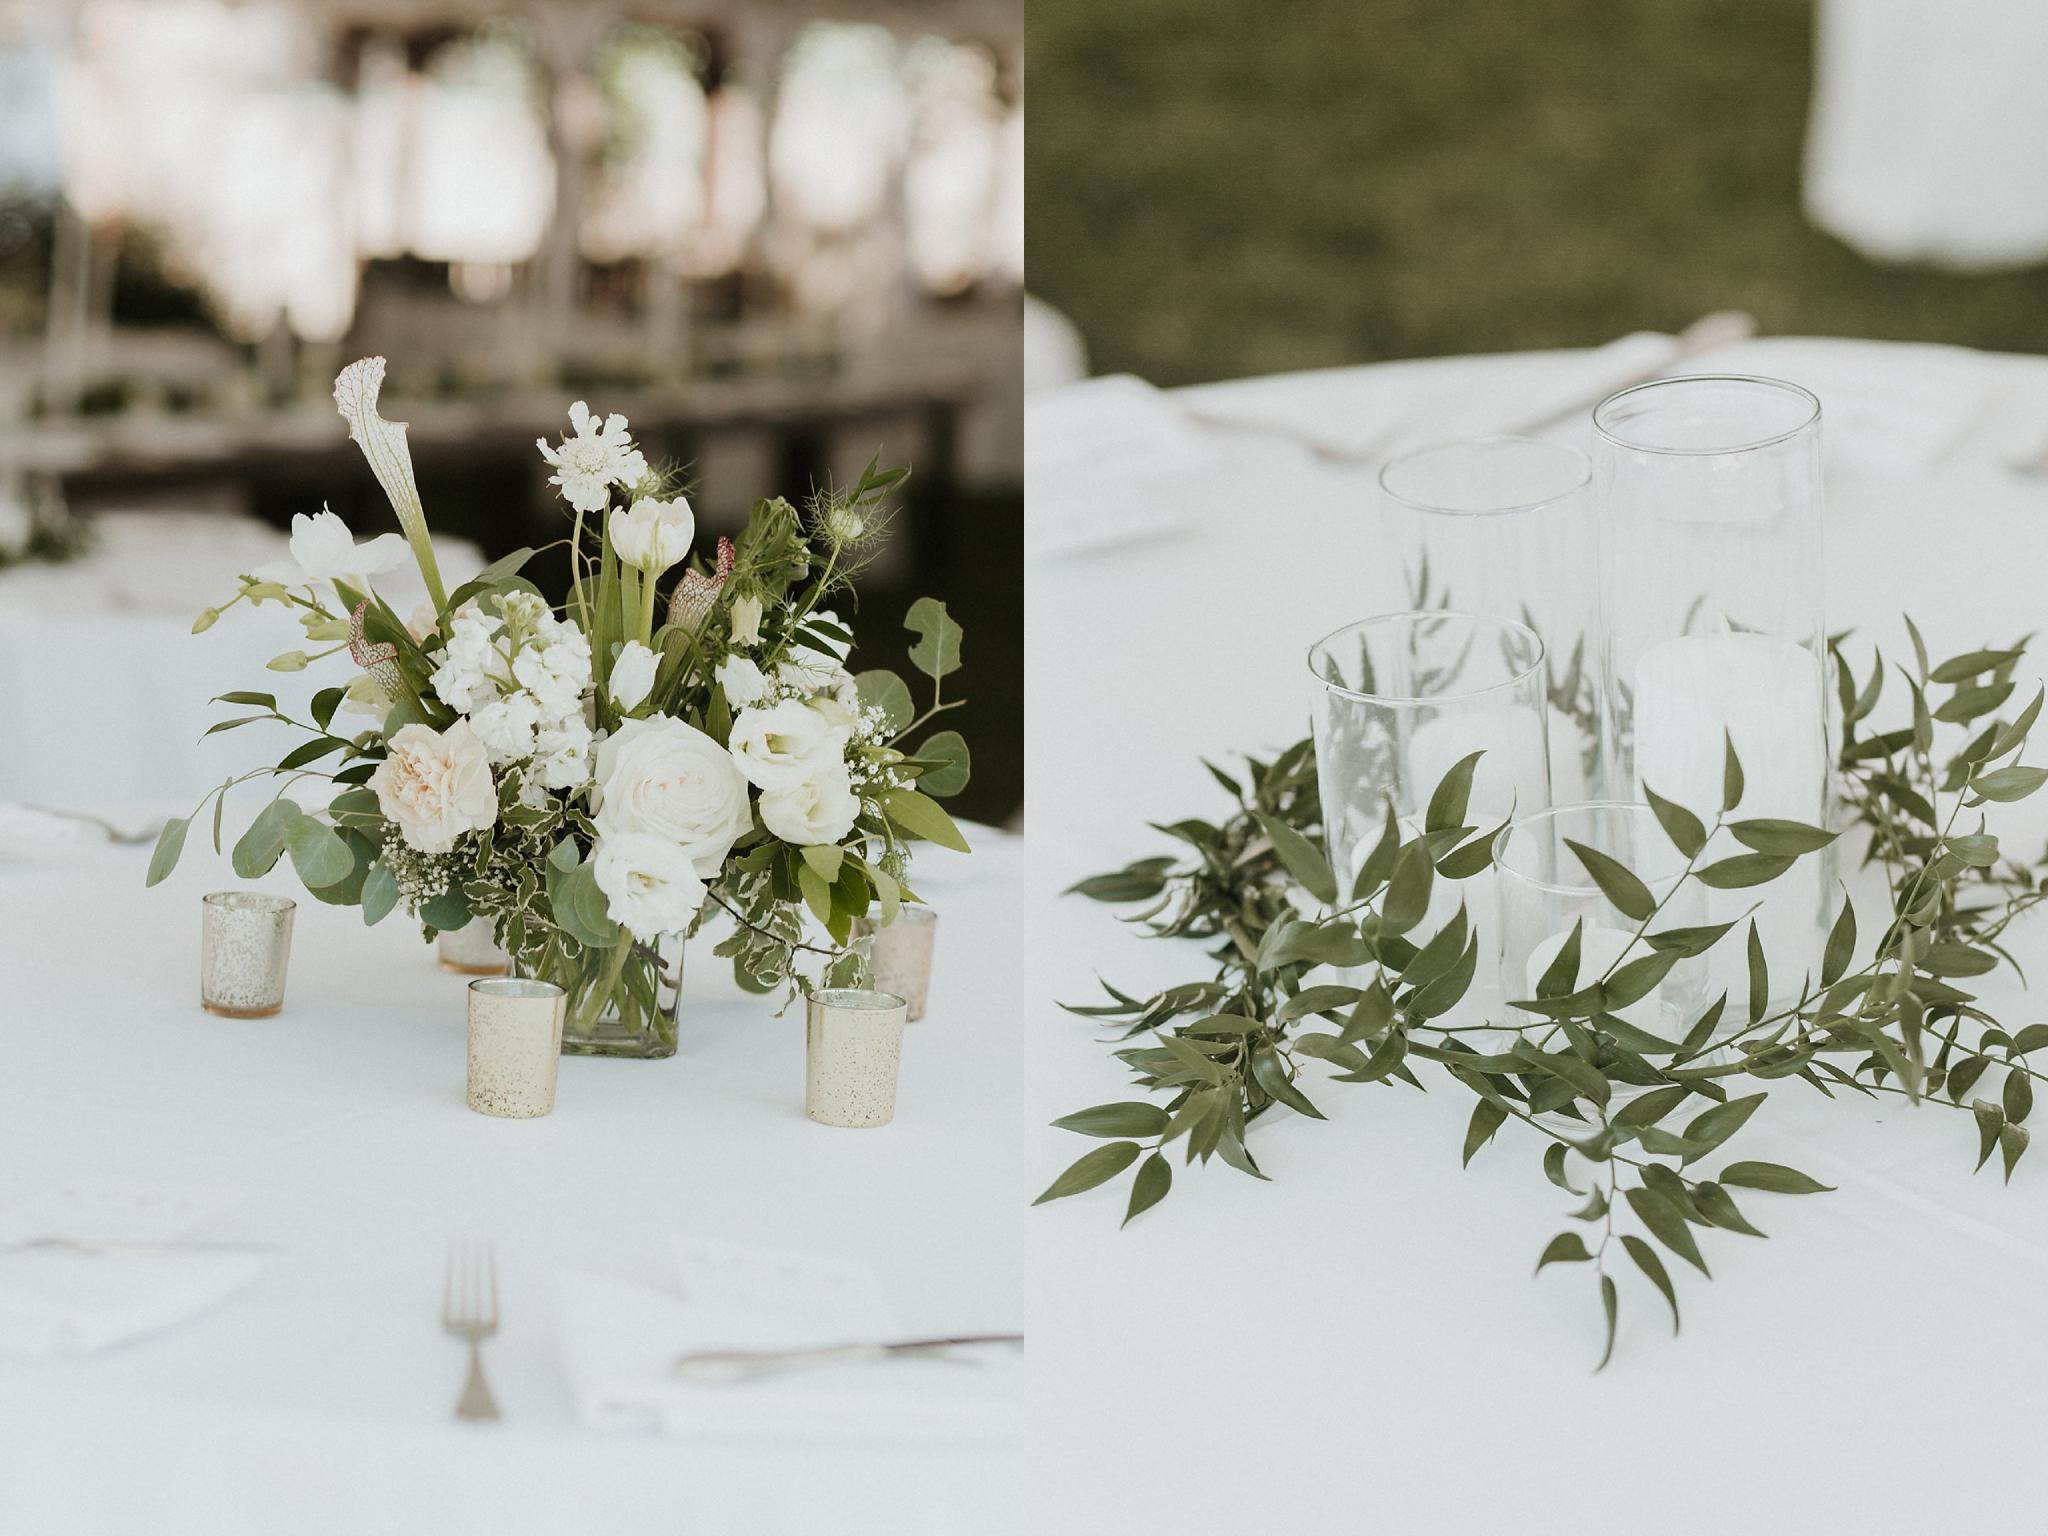 Alicia+lucia+photography+-+albuquerque+wedding+photographer+-+santa+fe+wedding+photography+-+new+mexico+wedding+photographer+-+new+mexico+florist+-+wedding+florist+-+renegade+floral_0016.jpg